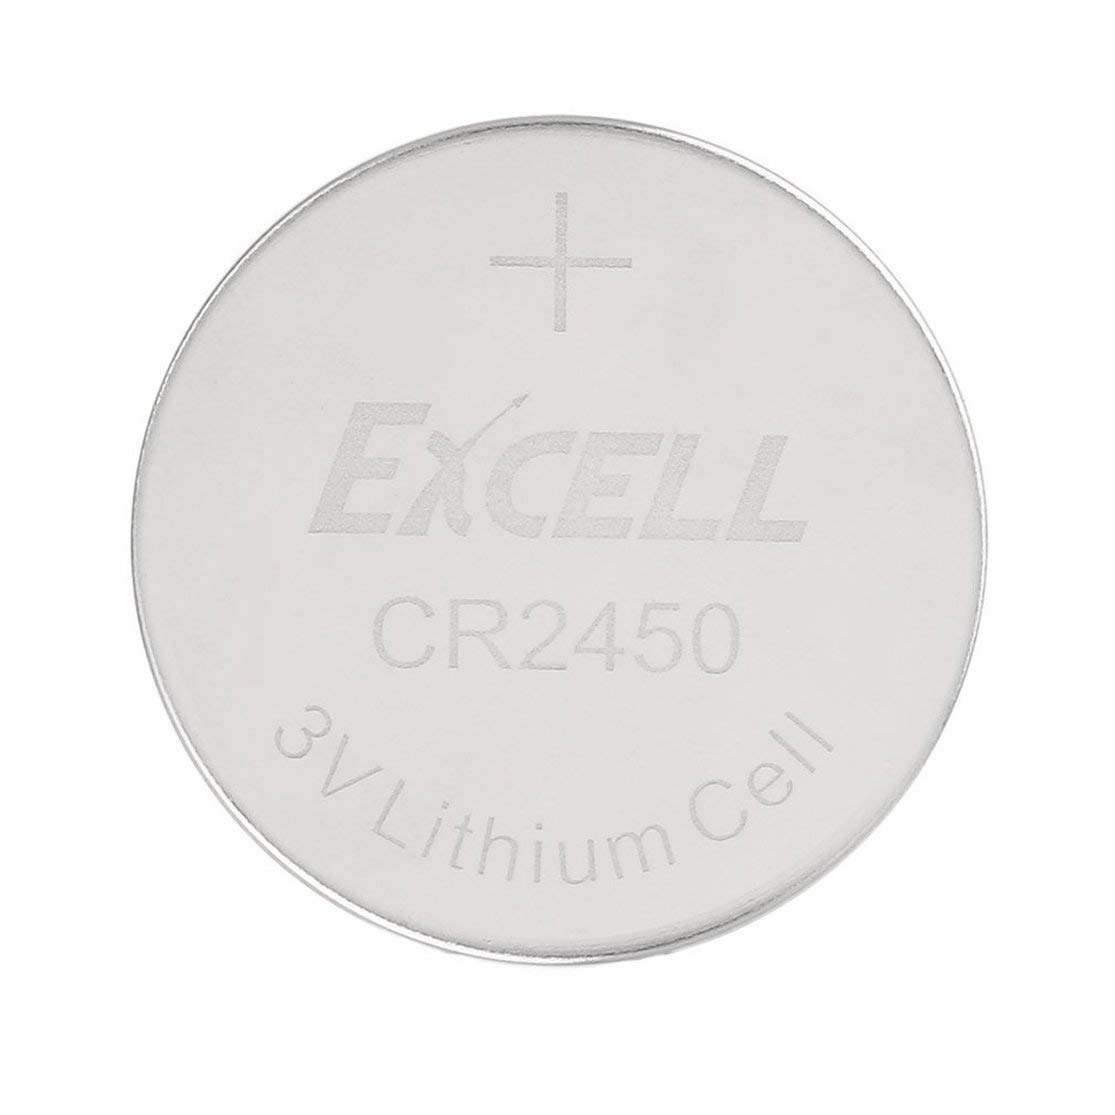 LouiseEvel215 5 PCS//lot EXCELL 3V CR2450 Piles Au Lithium Pile Bouton Piles Au Lithium Cell 3 Volts Piles Bouton pour Montre LED Lumi/ères Jouets